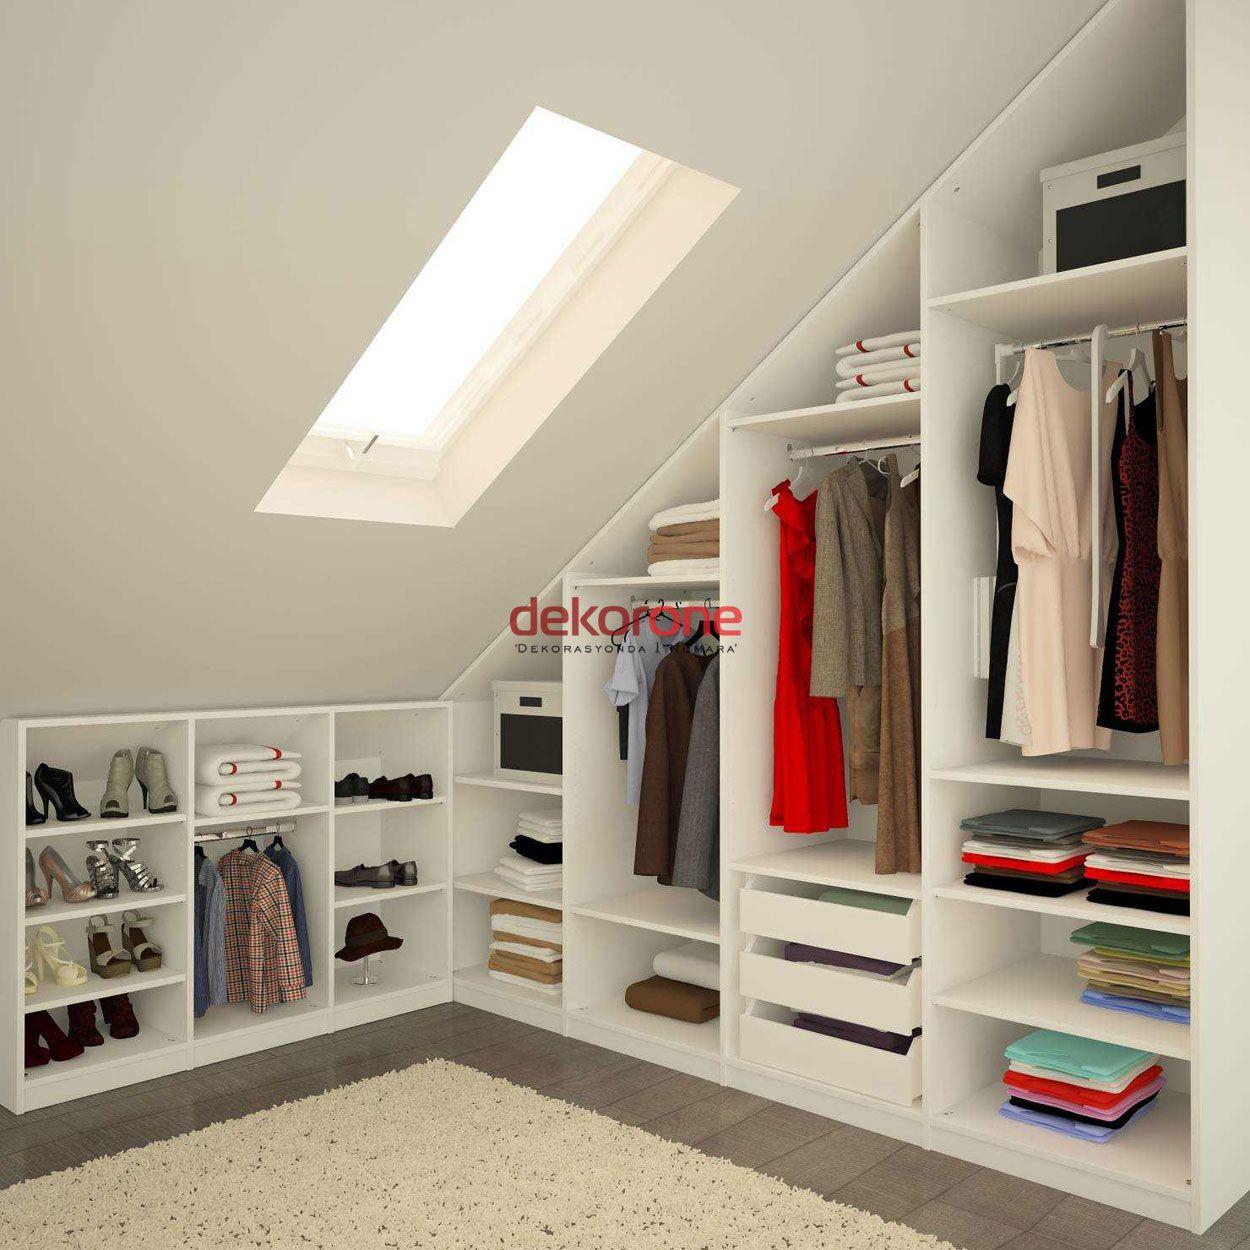 Giyinme odası eskiden lüks insanlar için mümkün olsa da artık hemen hemen her evde bulunmaktadır. Konumuzdan sizlerde bir kaç fikir sahibi olabilirsiniz. #ev #evdekorasyon #dekorasyon #home #homedecor #homedesign #homeoffice #homestyle #homedesignideas #homedesigntips #homedesignplans #homedecorideas #homedecoration